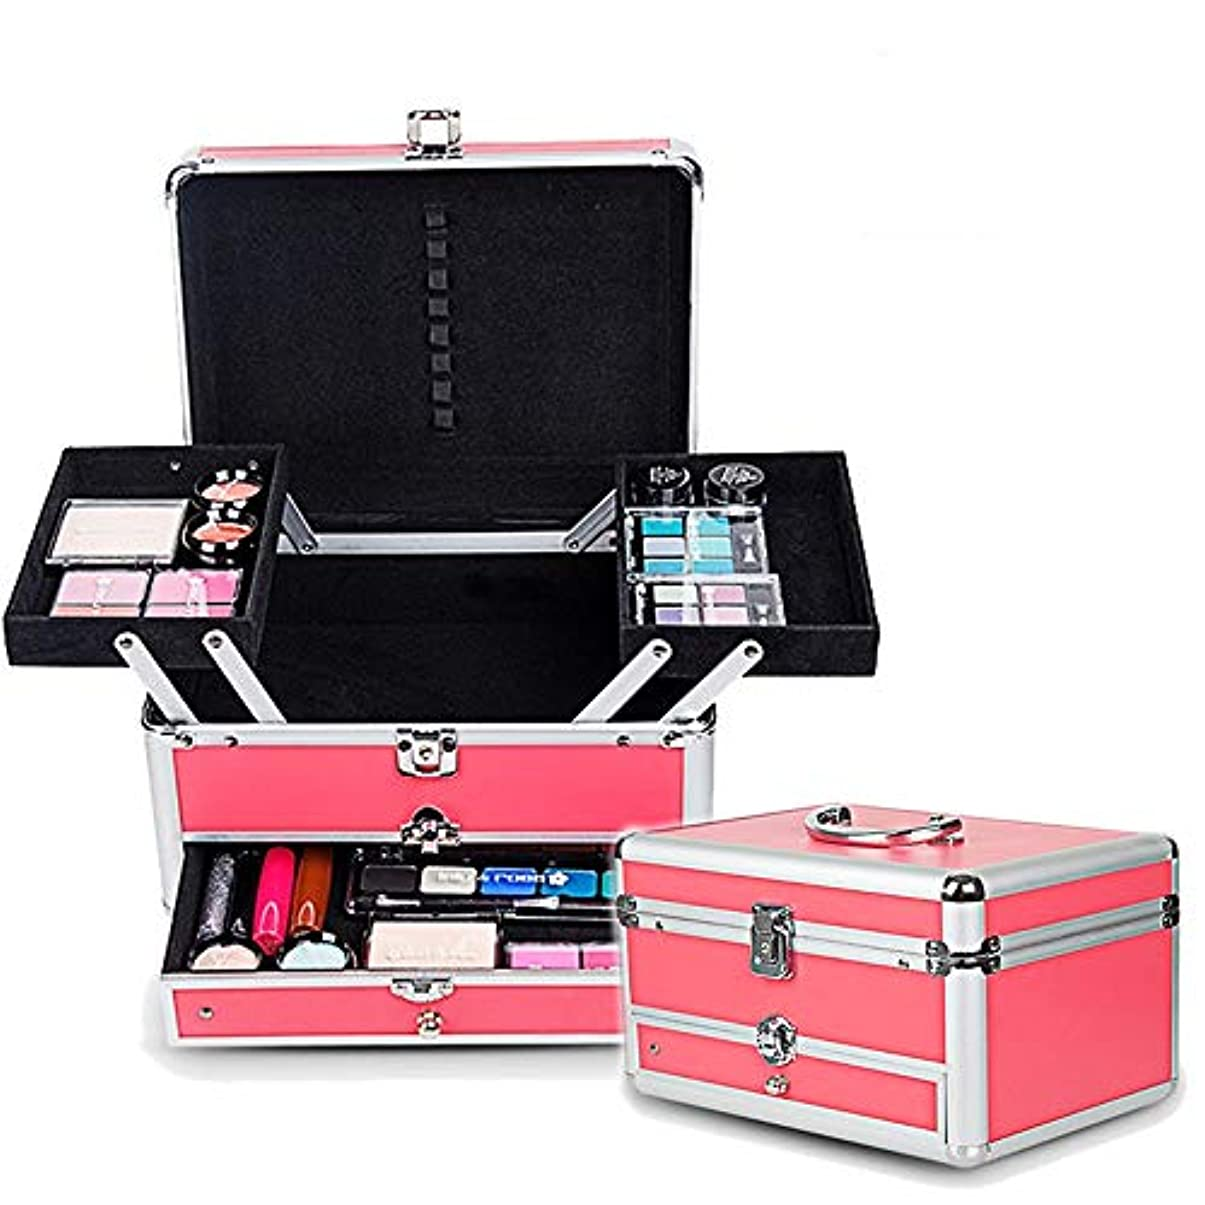 同種のコロニークラス特大スペース収納ビューティーボックス 女の子の女性旅行のための新しく、実用的な携帯用化粧箱およびロックおよび皿が付いている毎日の貯蔵 化粧品化粧台 (色 : ピンク)